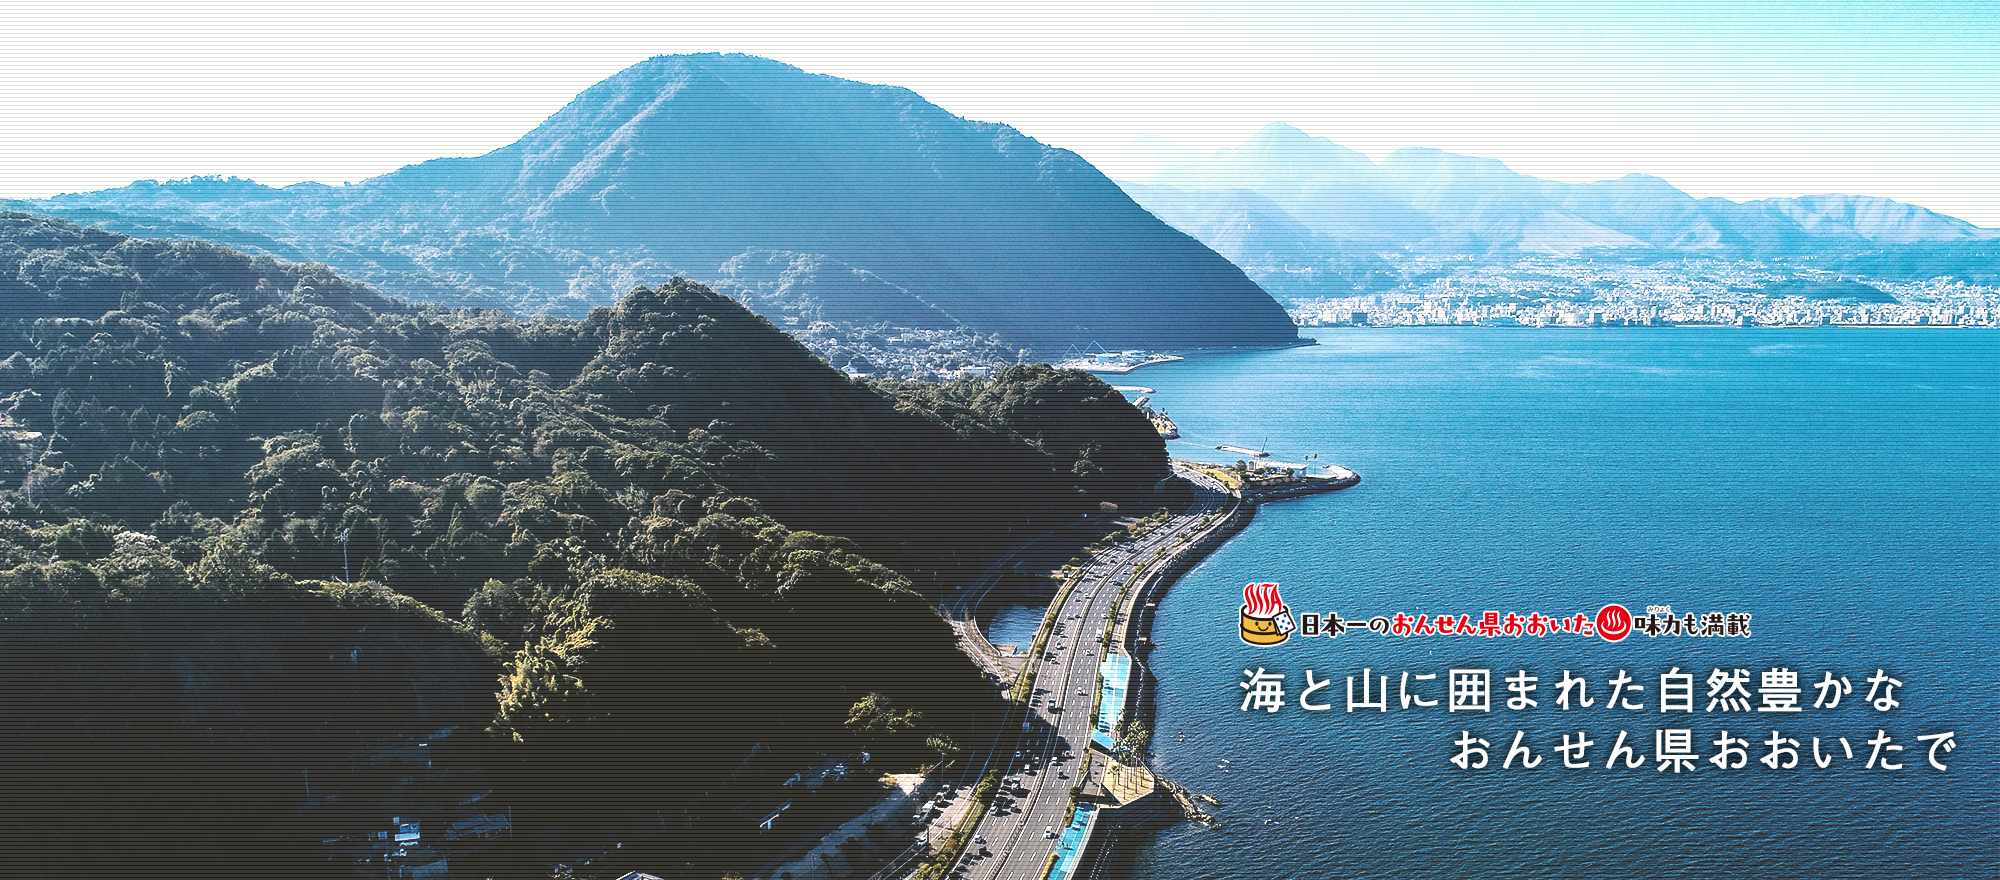 海と山に囲まれた自然豊かなおんせん県おおいたで